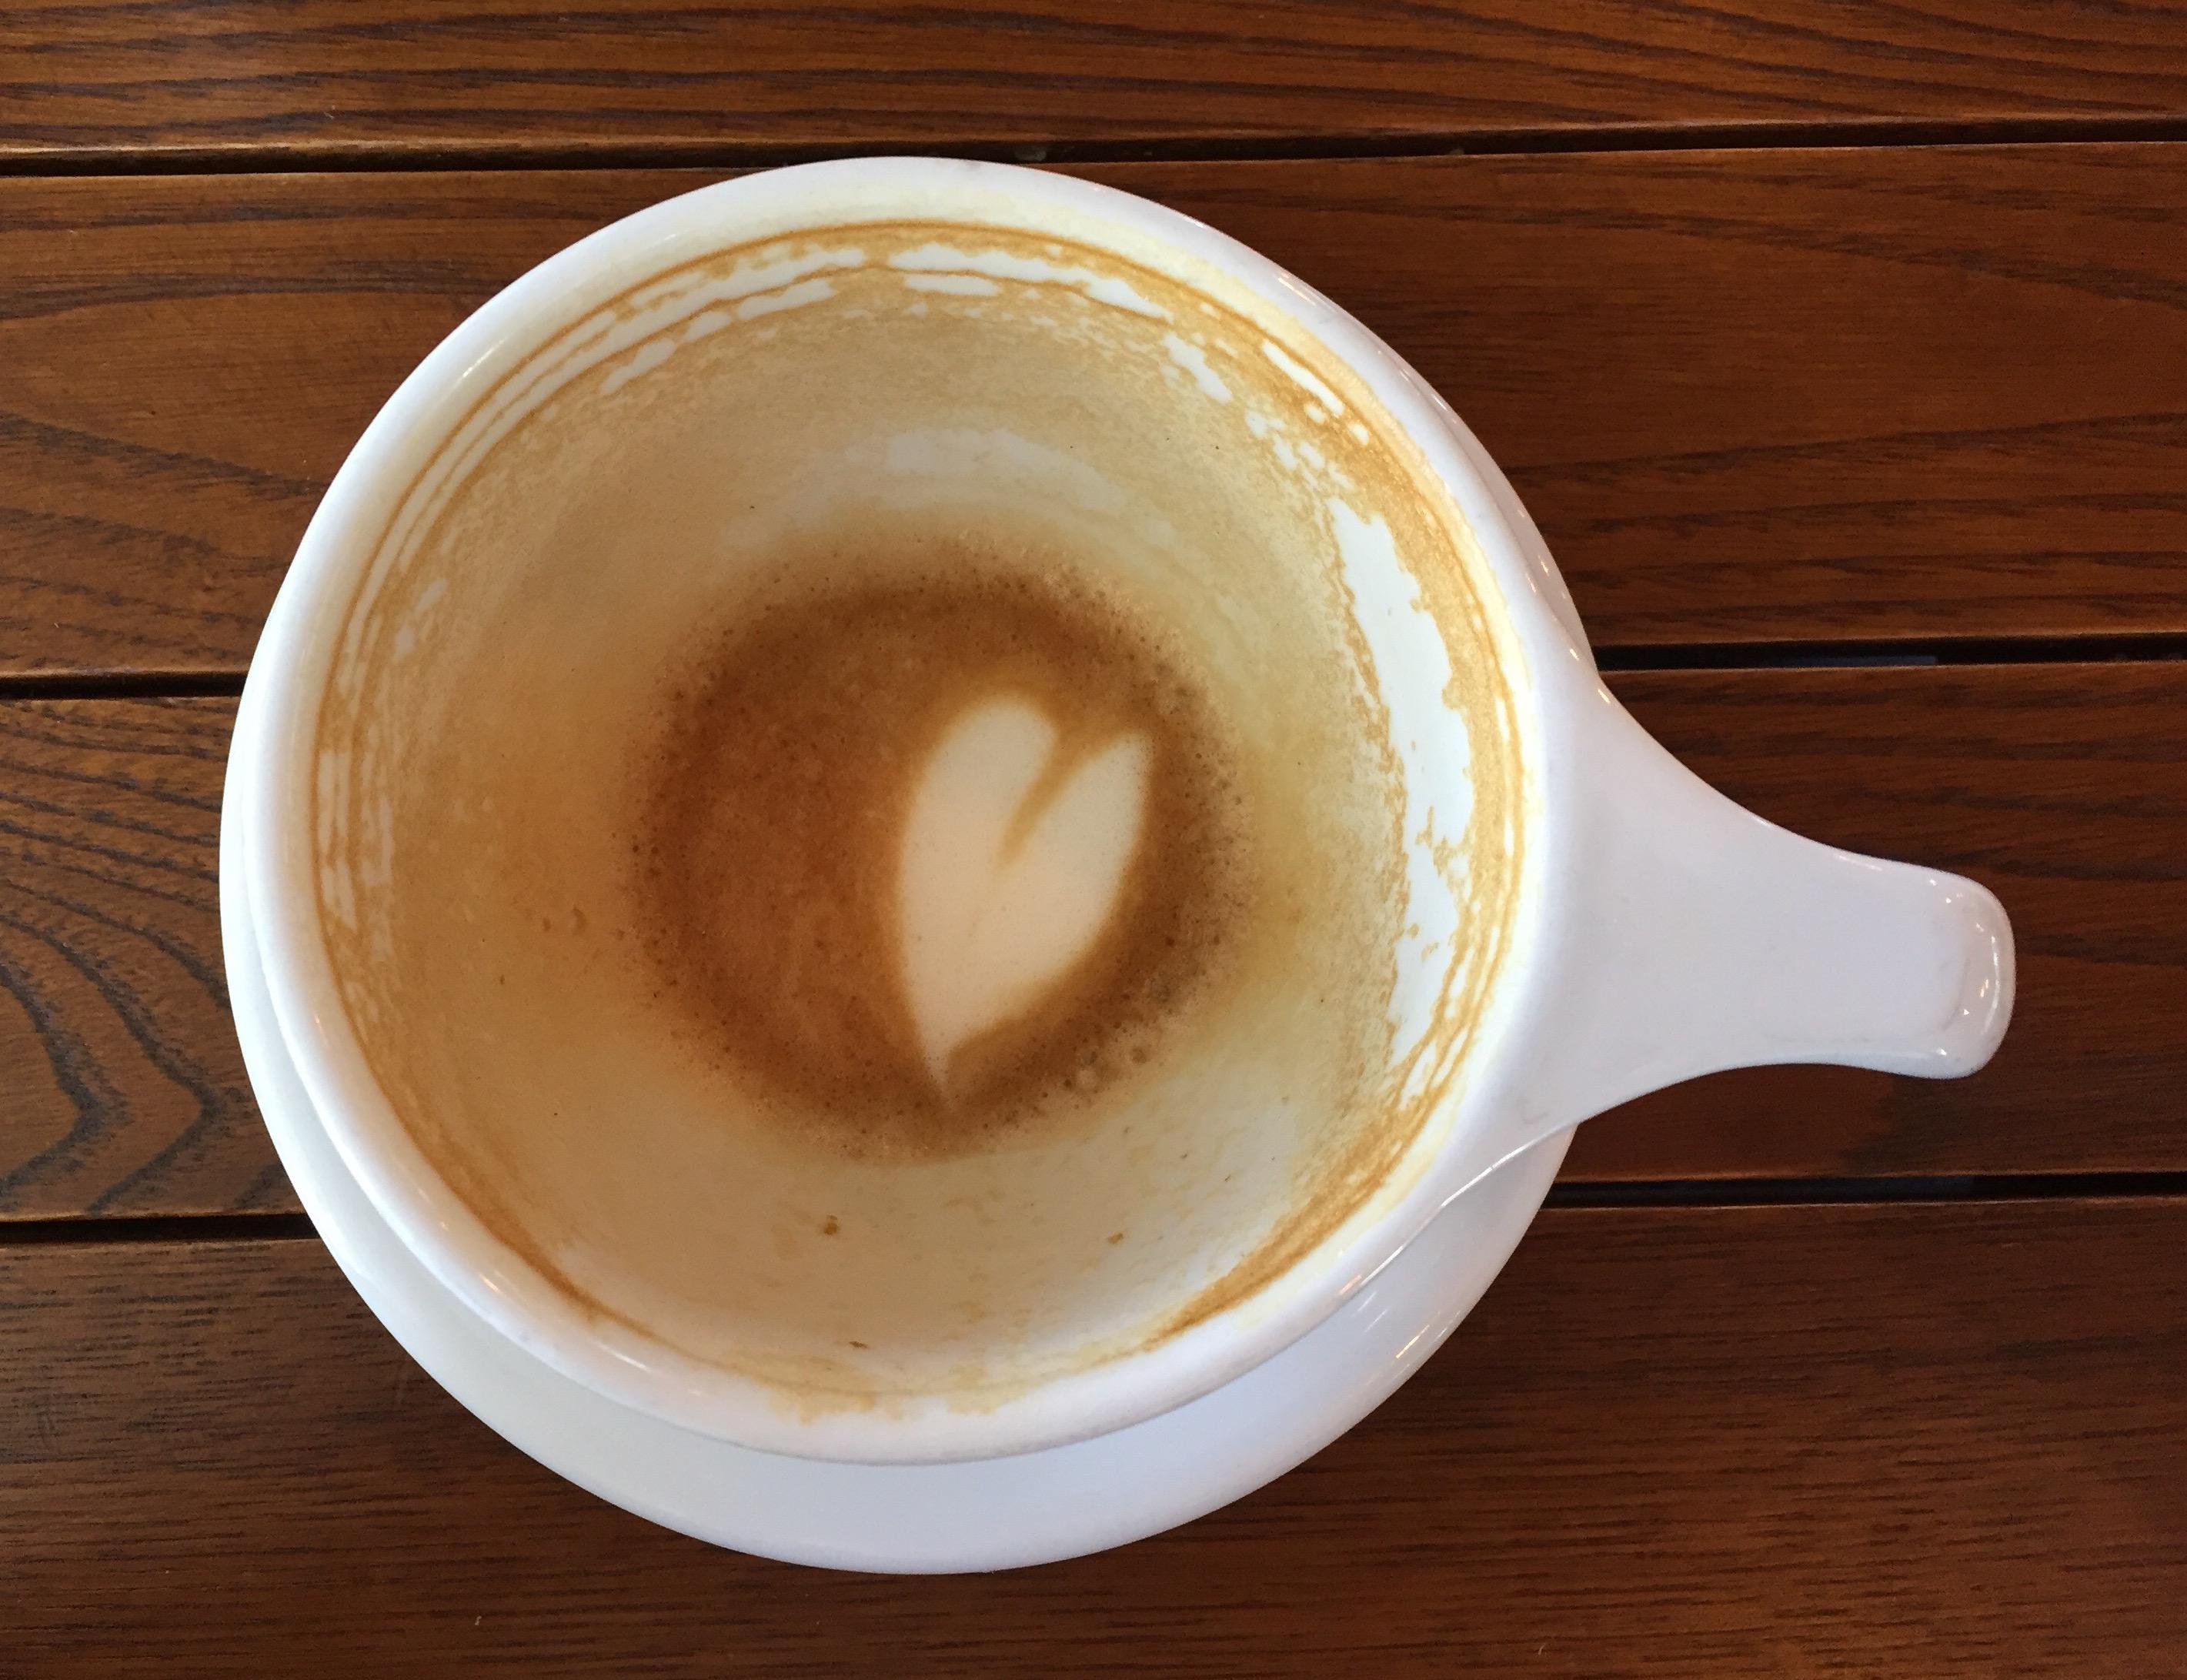 Heart Foam & End of a Latte - Auntie's